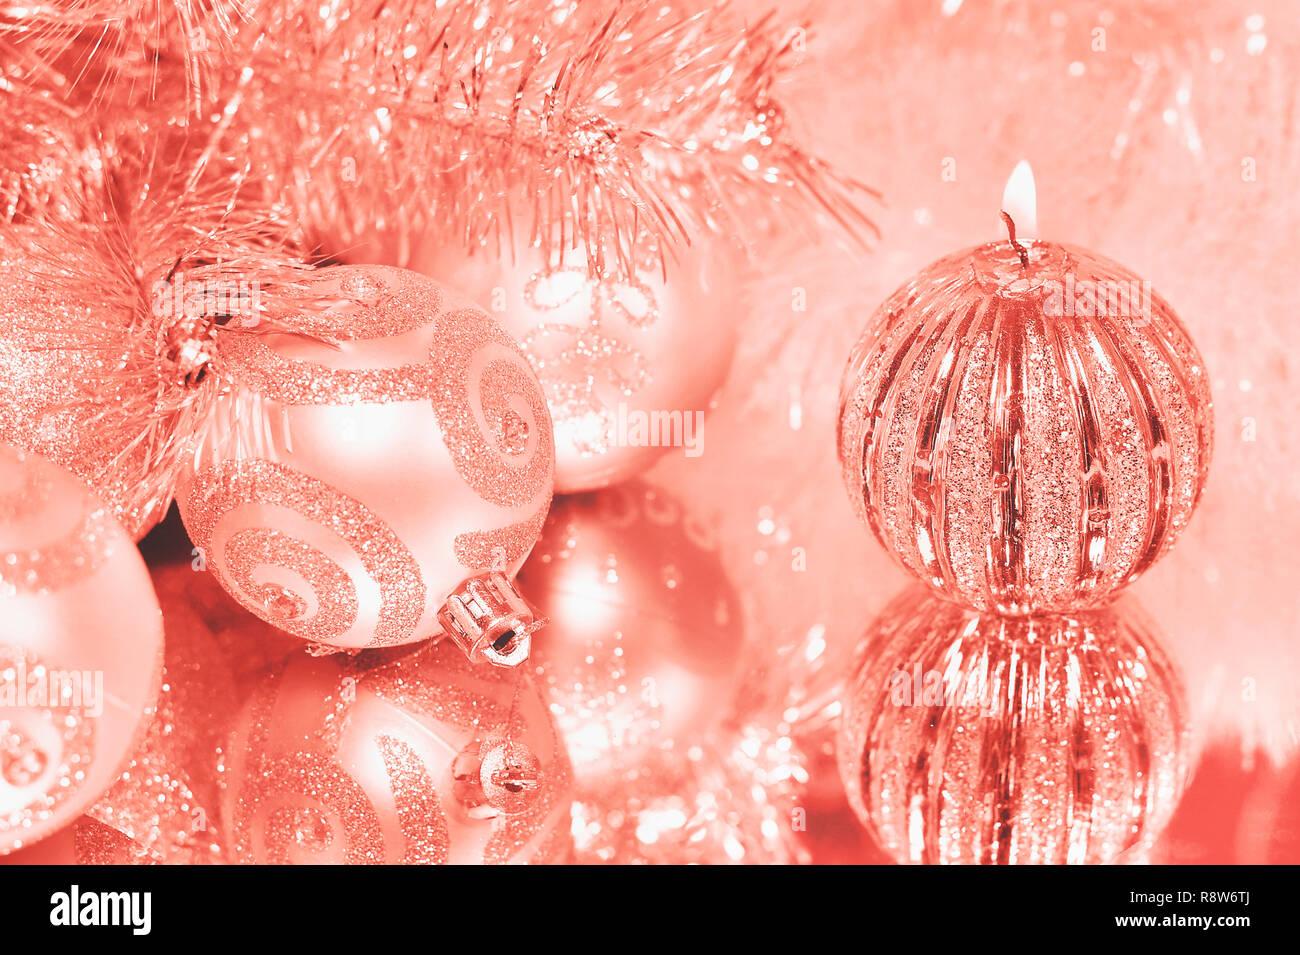 Couleur corail vivant de l'année 2019. Décorations de Noël avec une tasse de café chaud. Tons rétro Photo Stock